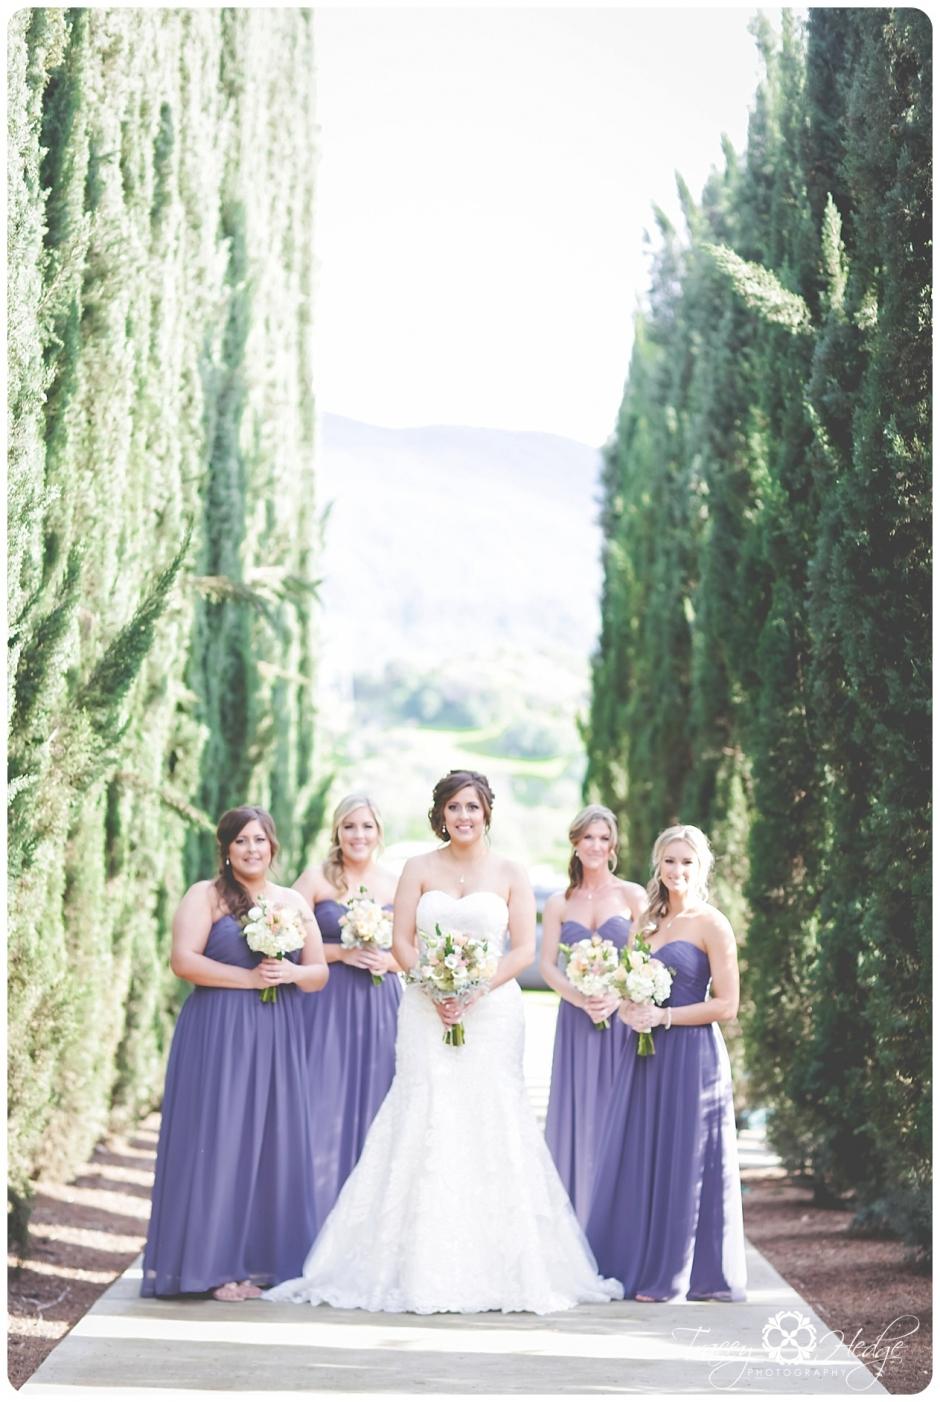 Kevan and Alicia Wedding at Wonder Valley Ranch_0017.jpg